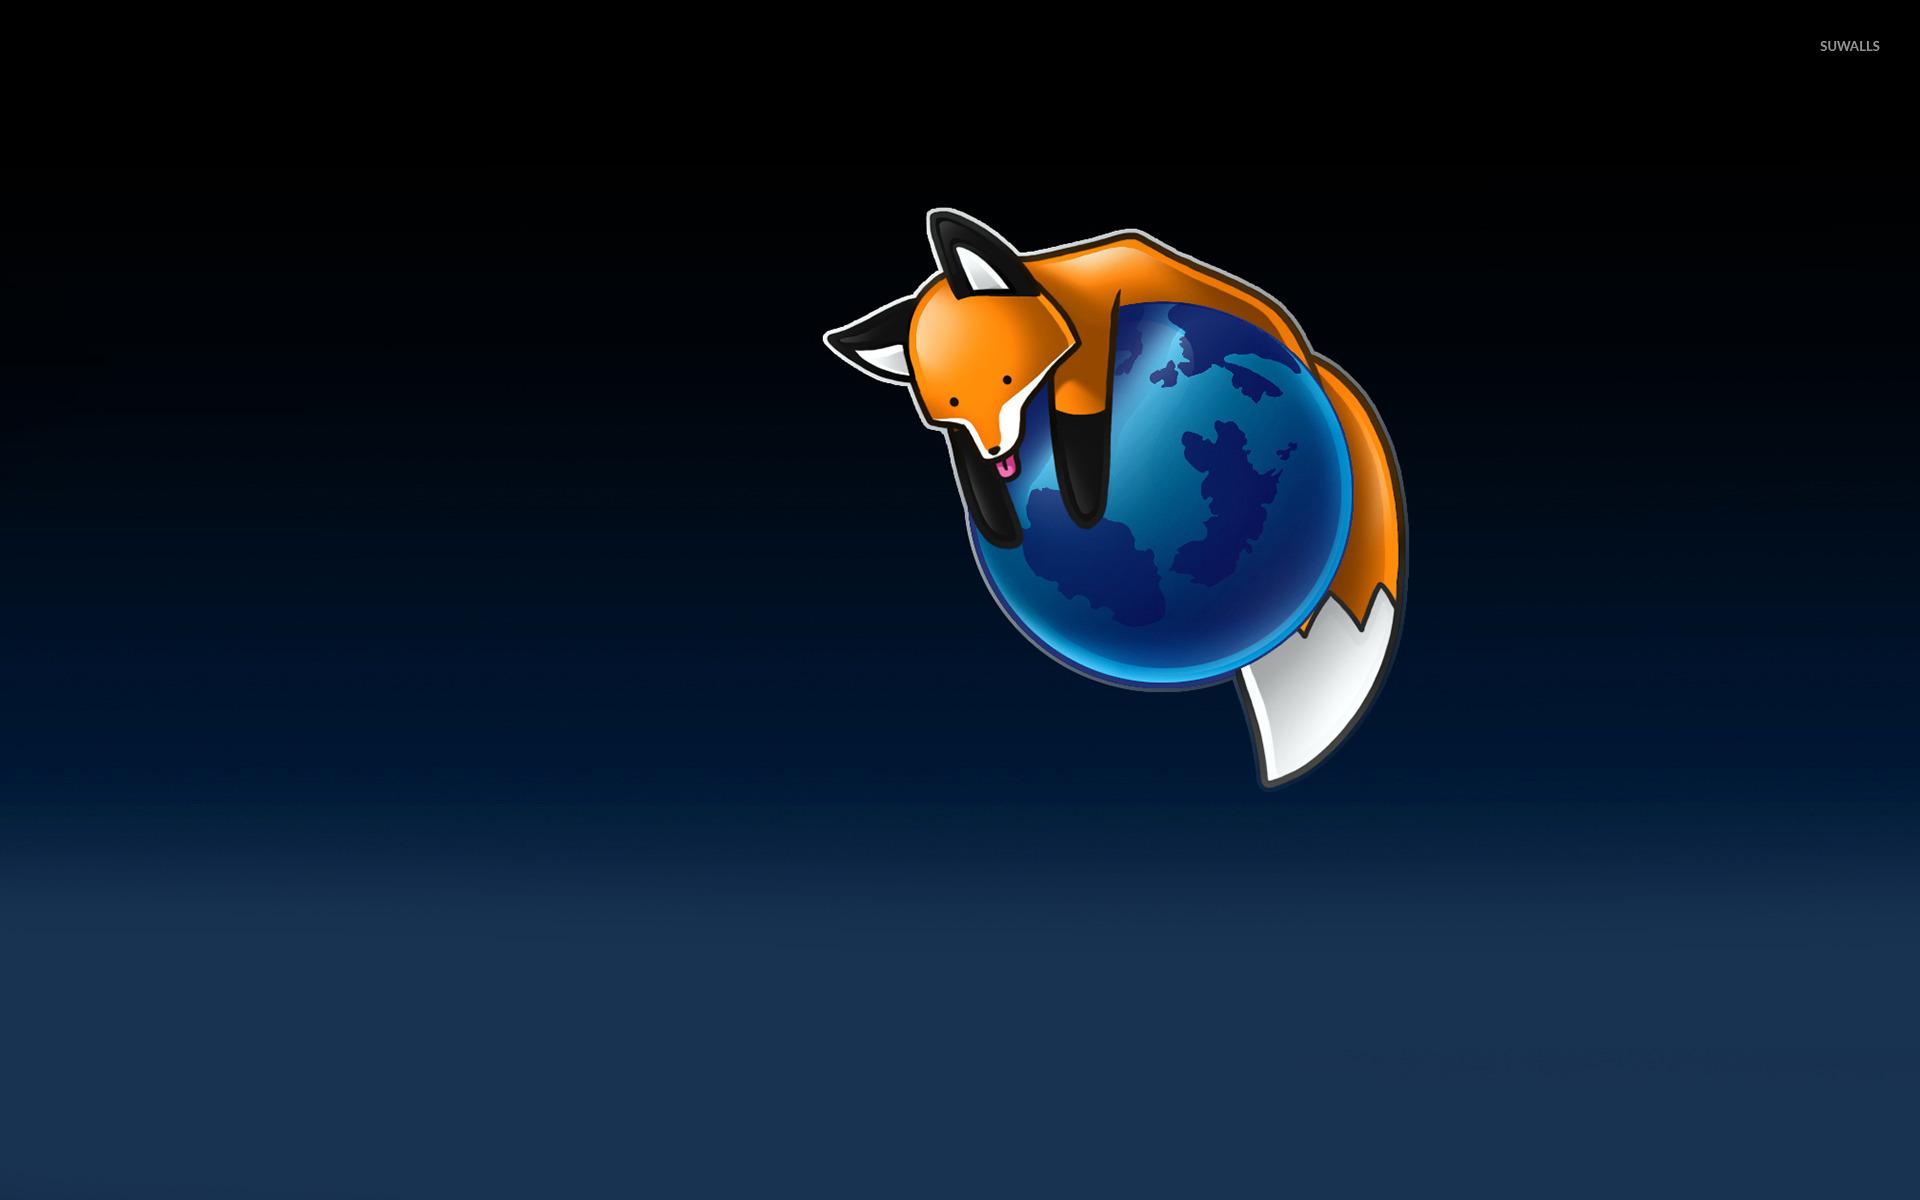 Firefox 5 Wallpaper